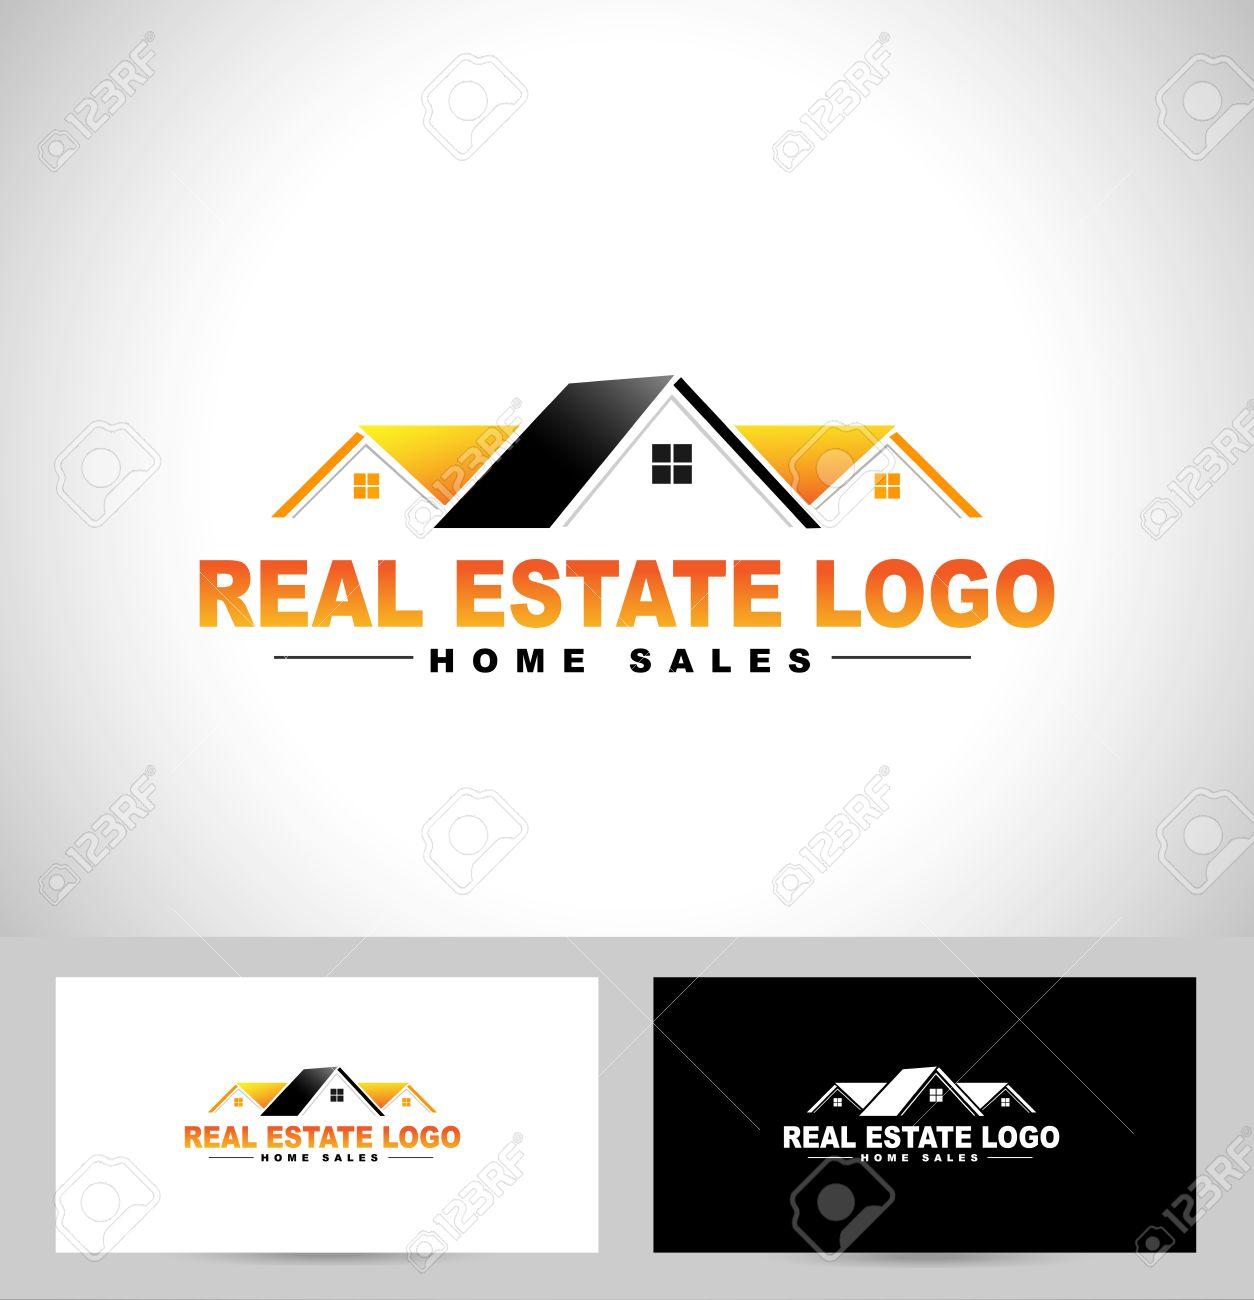 Real Estate Logo Design. House Logo Design. Creative Real Estate ...